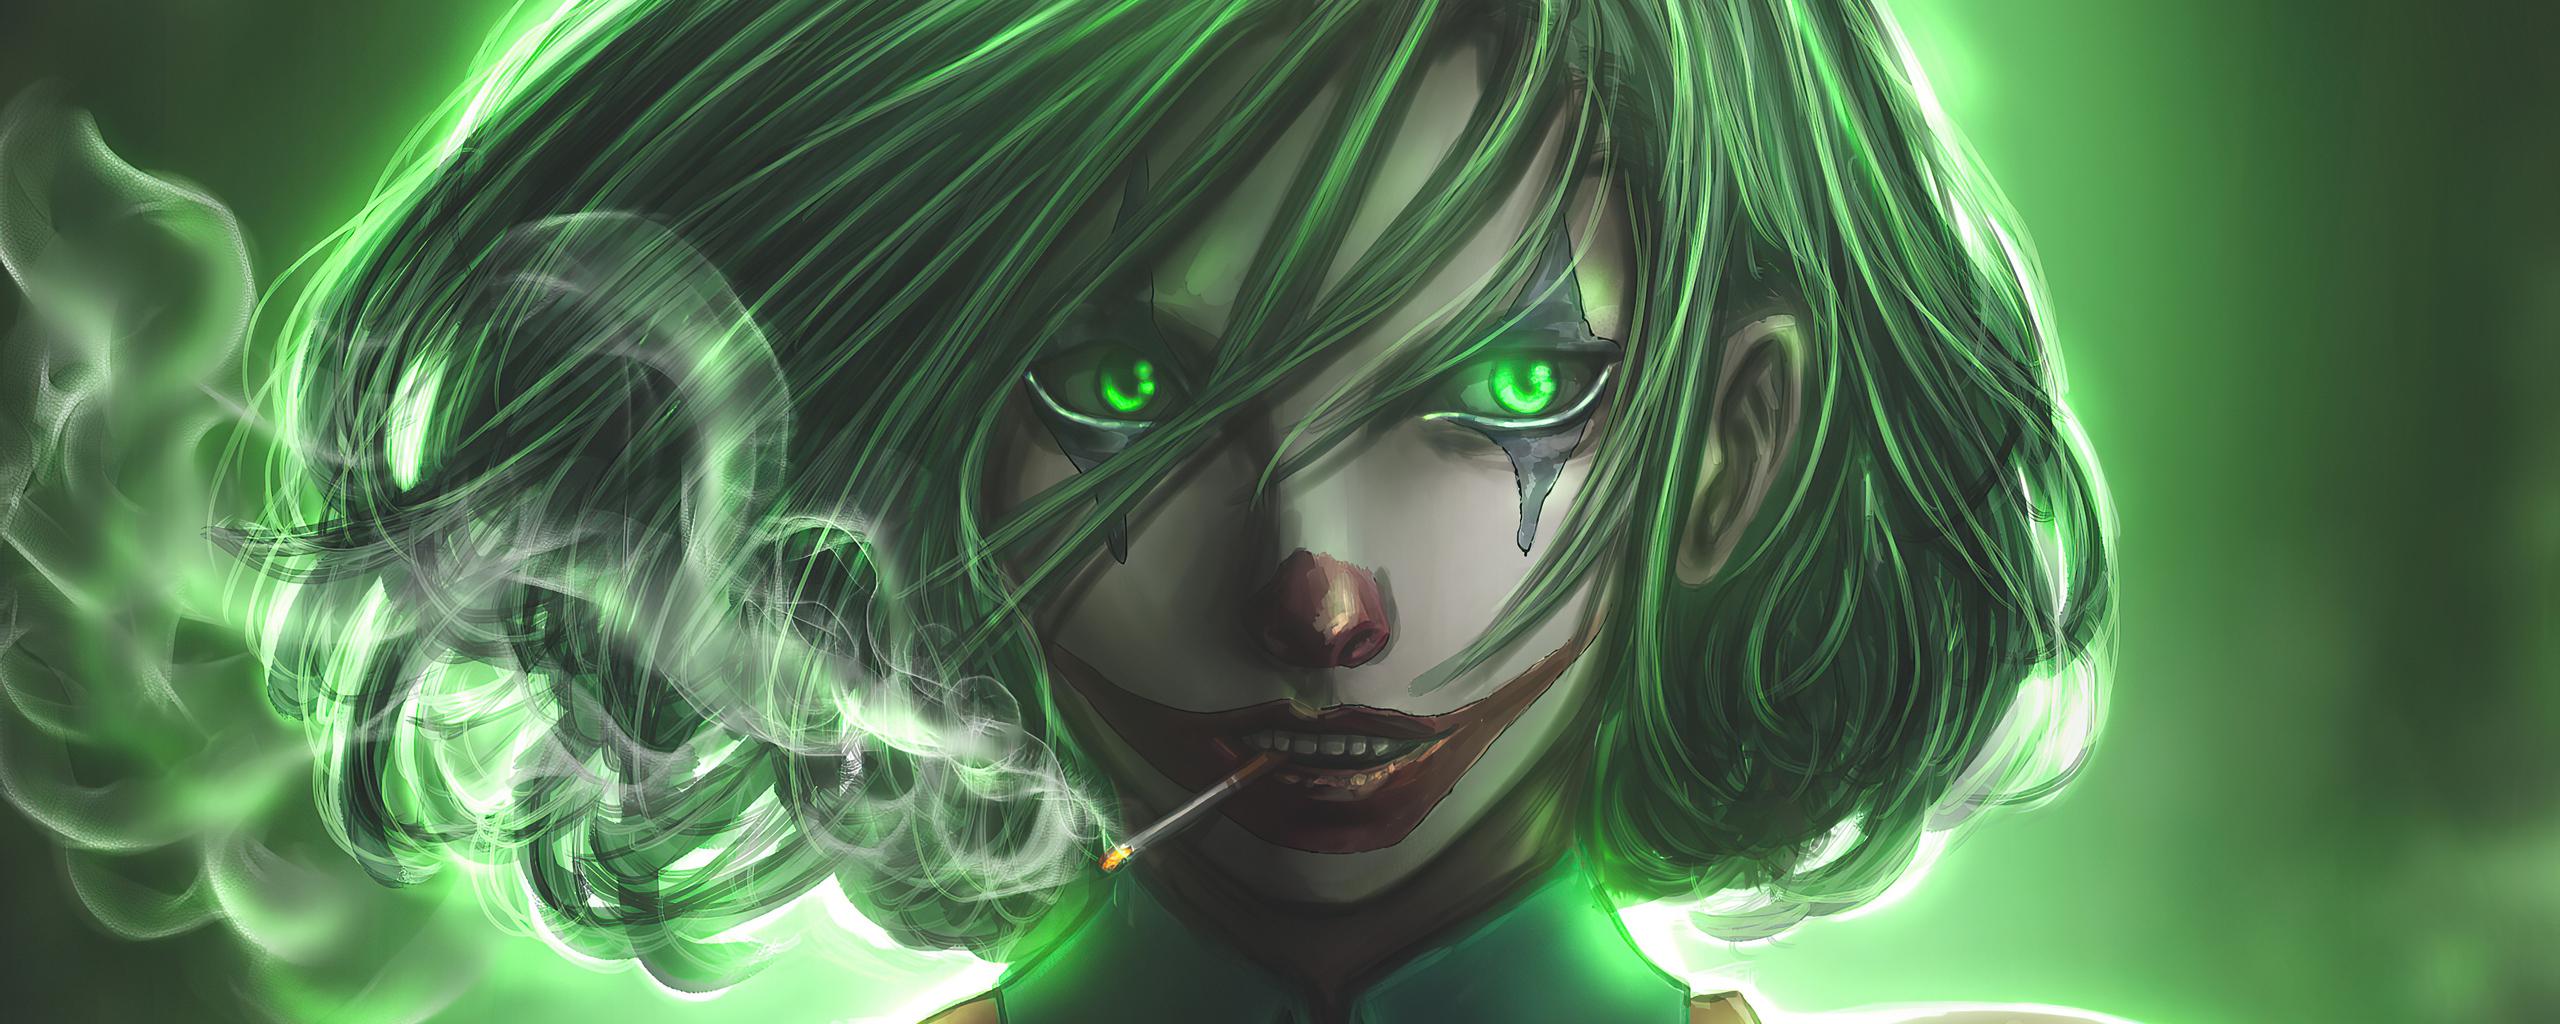 joker-girl-art-4k-og.jpg